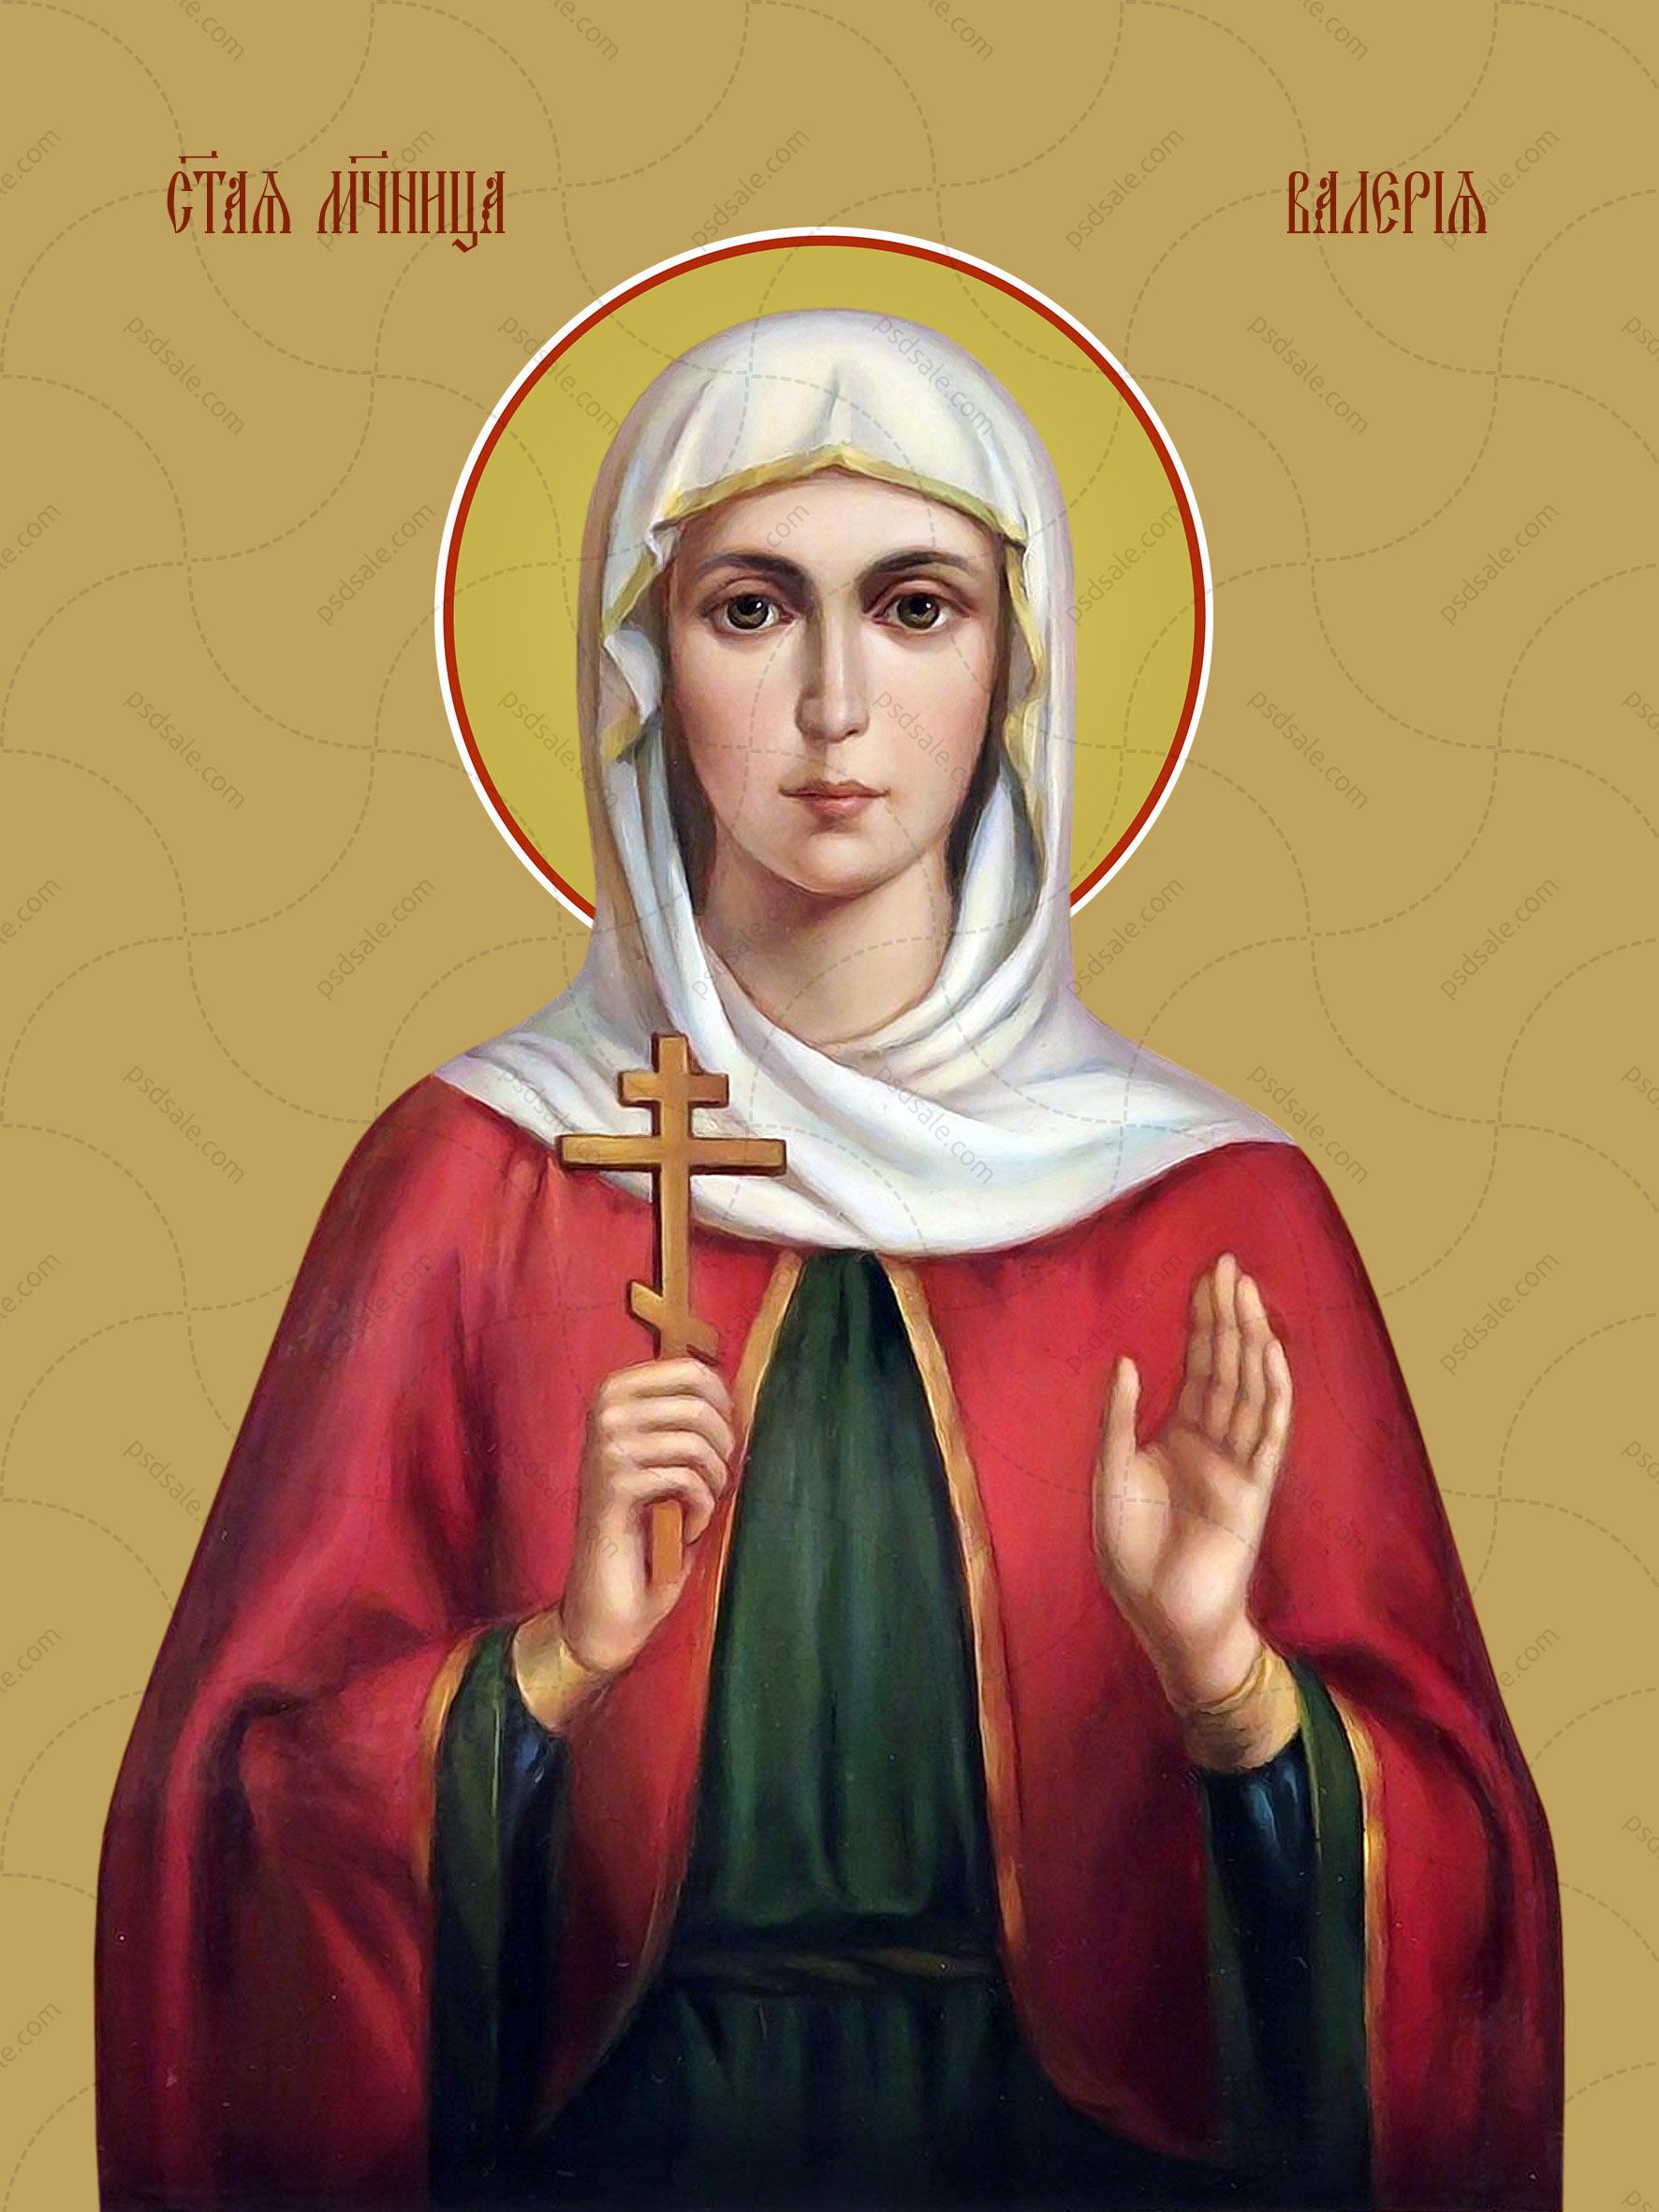 Валерия (Калерия), святая